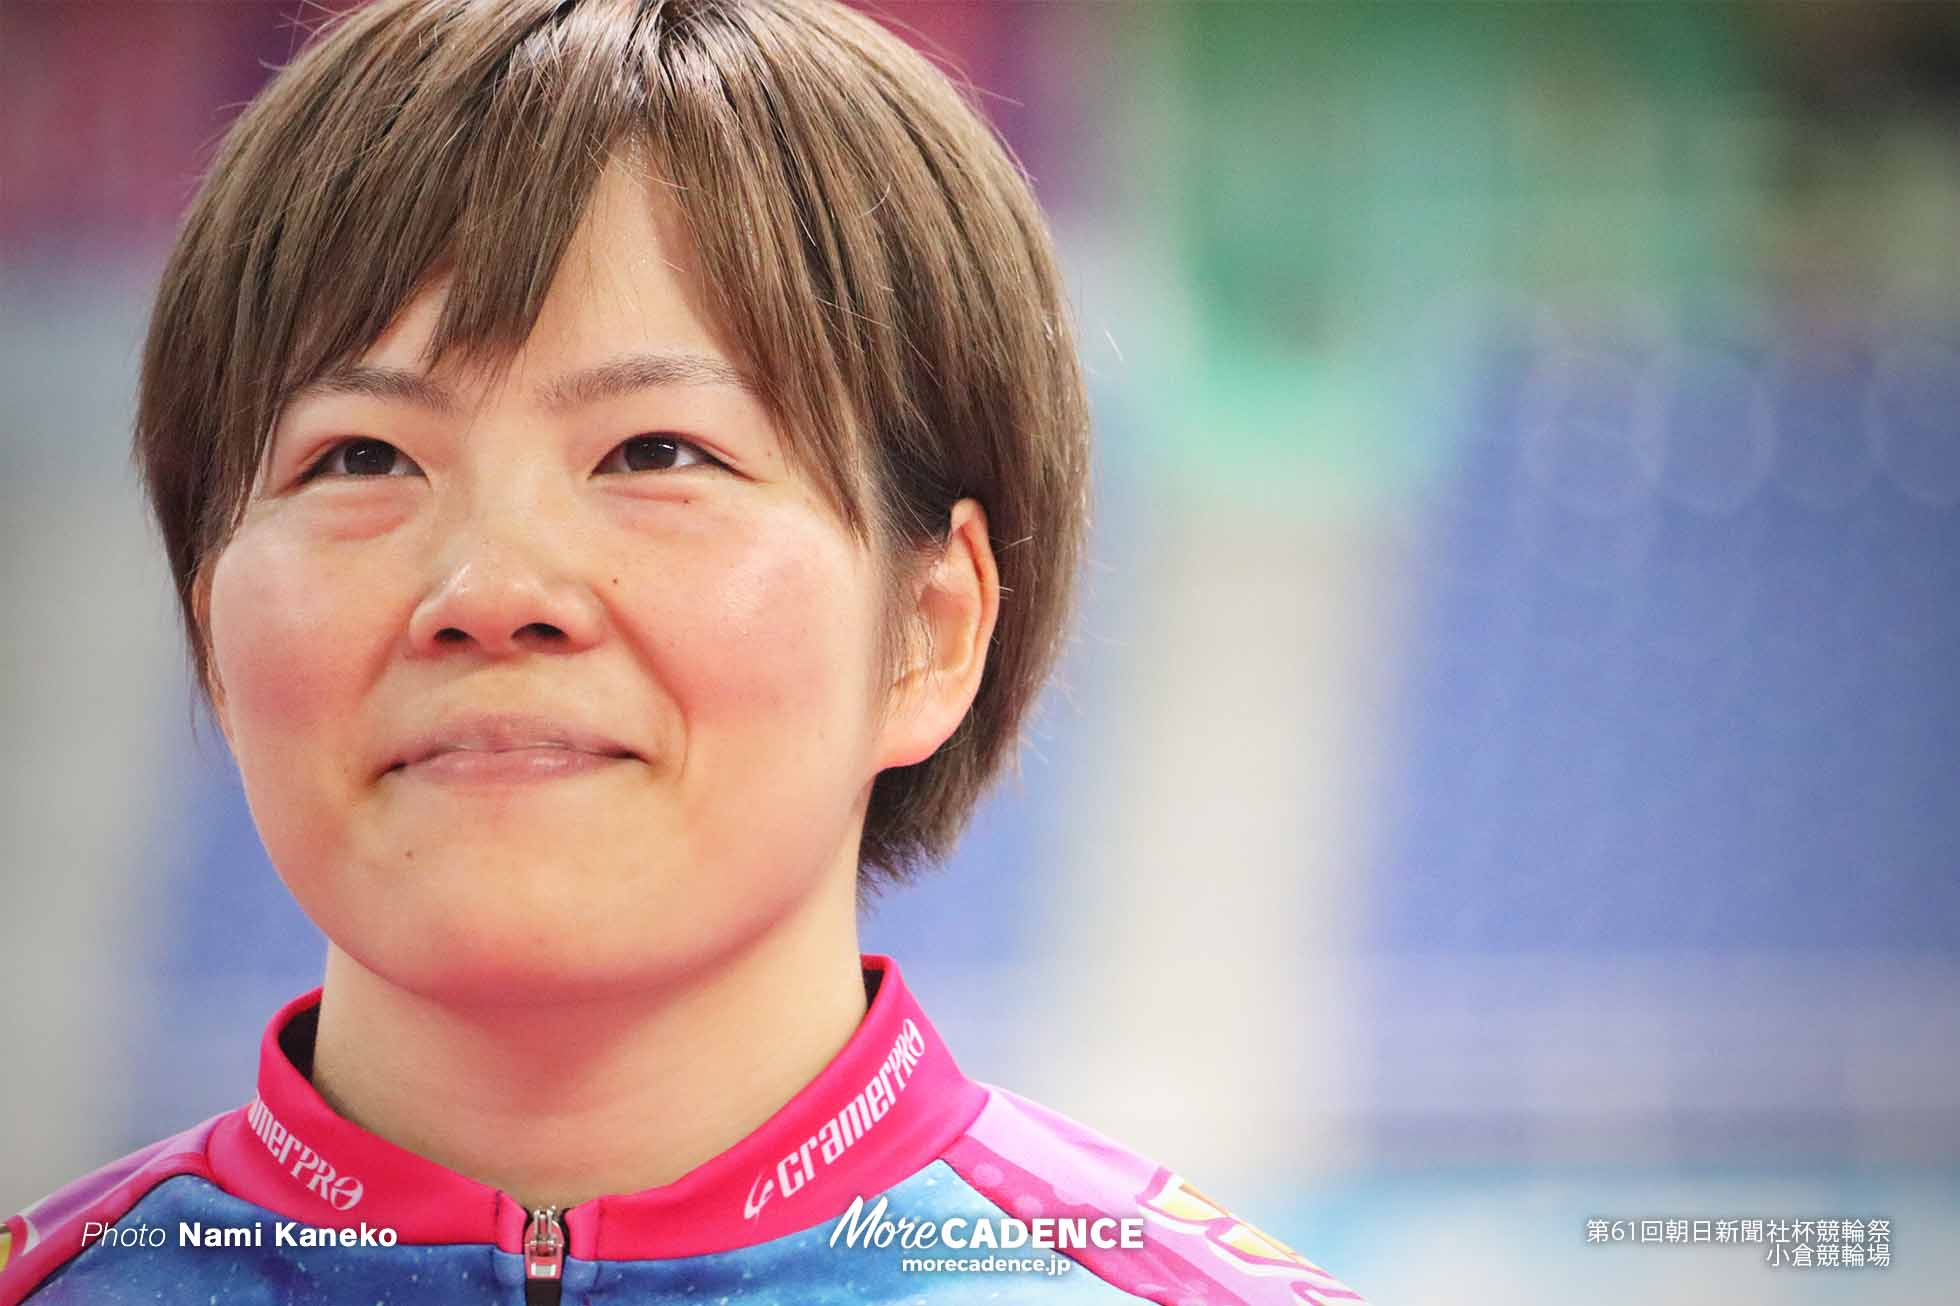 競輪祭 ガールズケイリングランプリトライアル 梅川風子